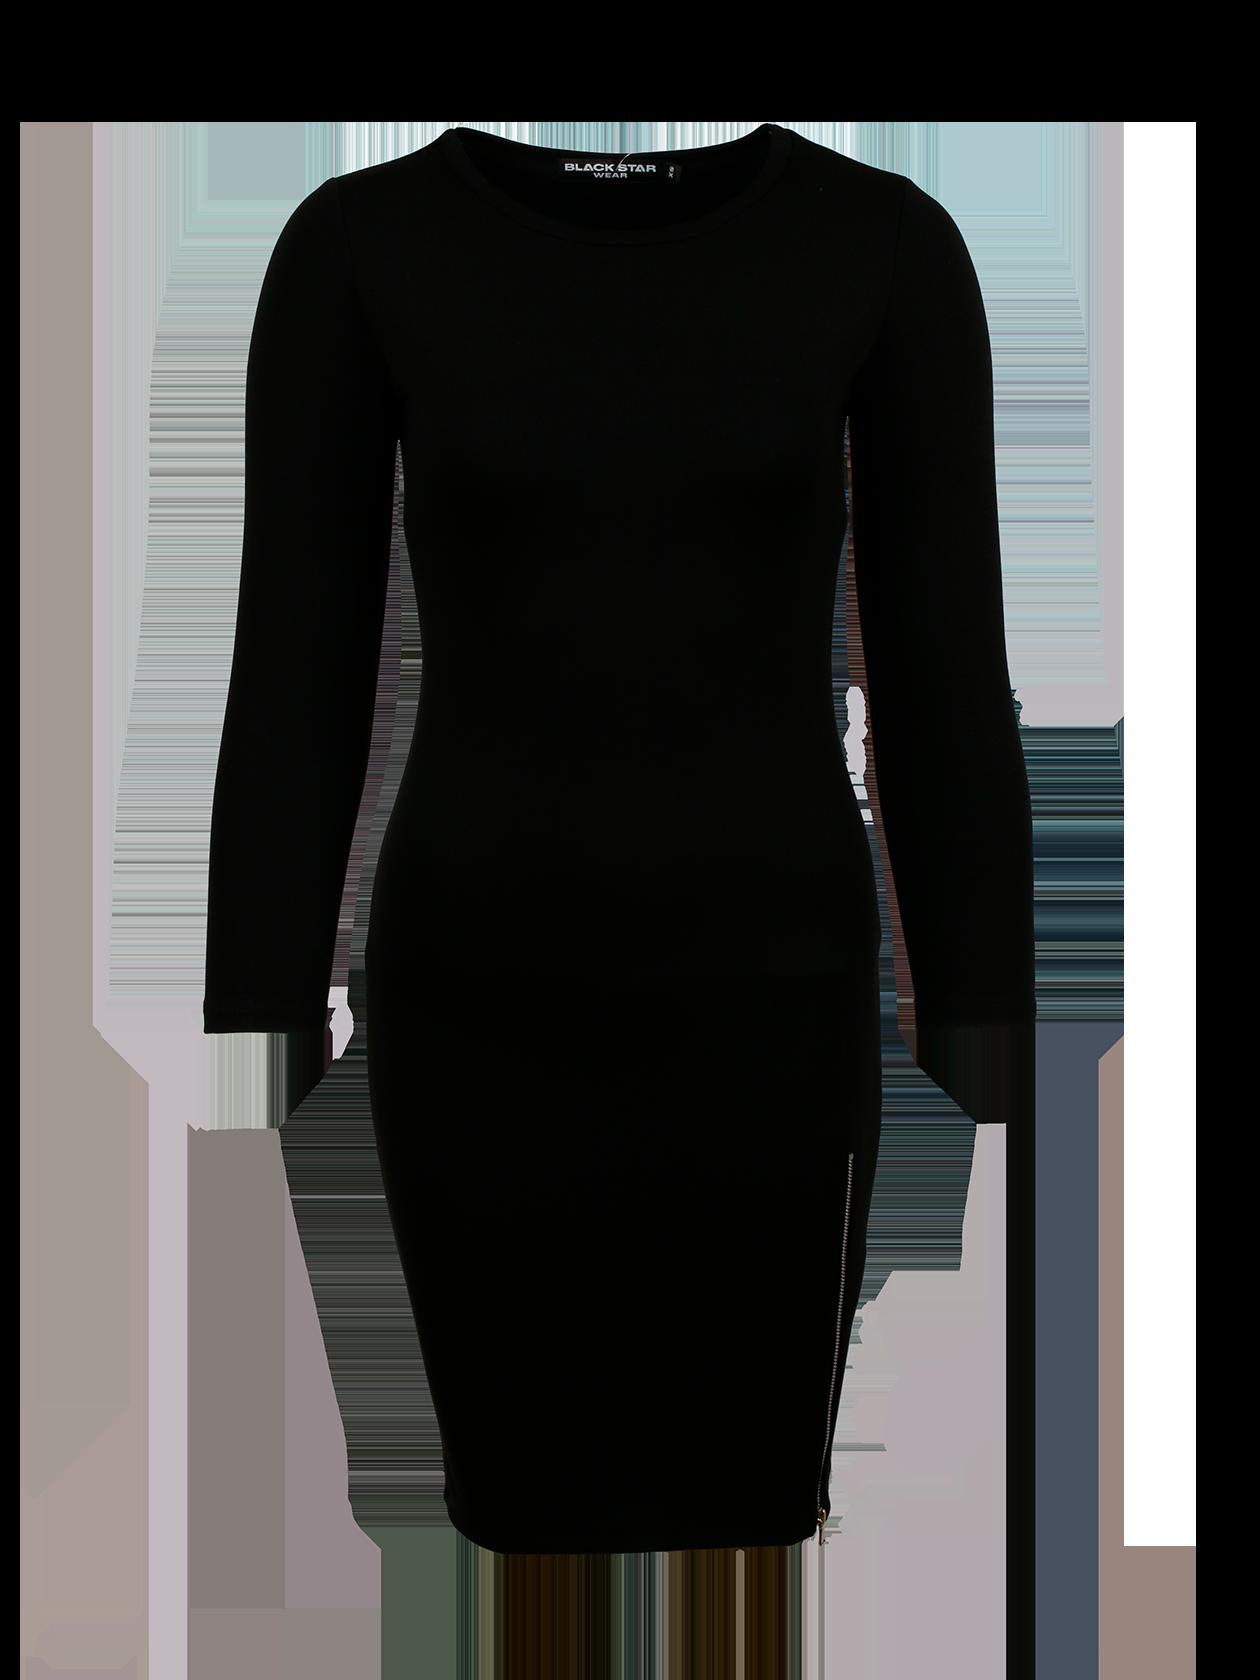 Платье женское SKINNY ZIP 13Платье женское Skinny Zip 13 создано для тех, кто привык себя считать иконой стиля даже при походе в магазин. Если вы находитесь в поисках своего идеального и неповторимого образа, то это именно то, что нужно. Вдохновляющее, пленительное, в меру сексуальное и одновременно комфортное. Пожалуй, лучшего варианта для уверенной в себе и привлекательной девушки не существует. Боковая молния до линии бедер подчеркнет яркость своей хозяйки. Выберите для себя лучшее цветовое решение – черное или серое.<br><br>Размер: L<br>Цвет: Черный<br>Пол: Женский